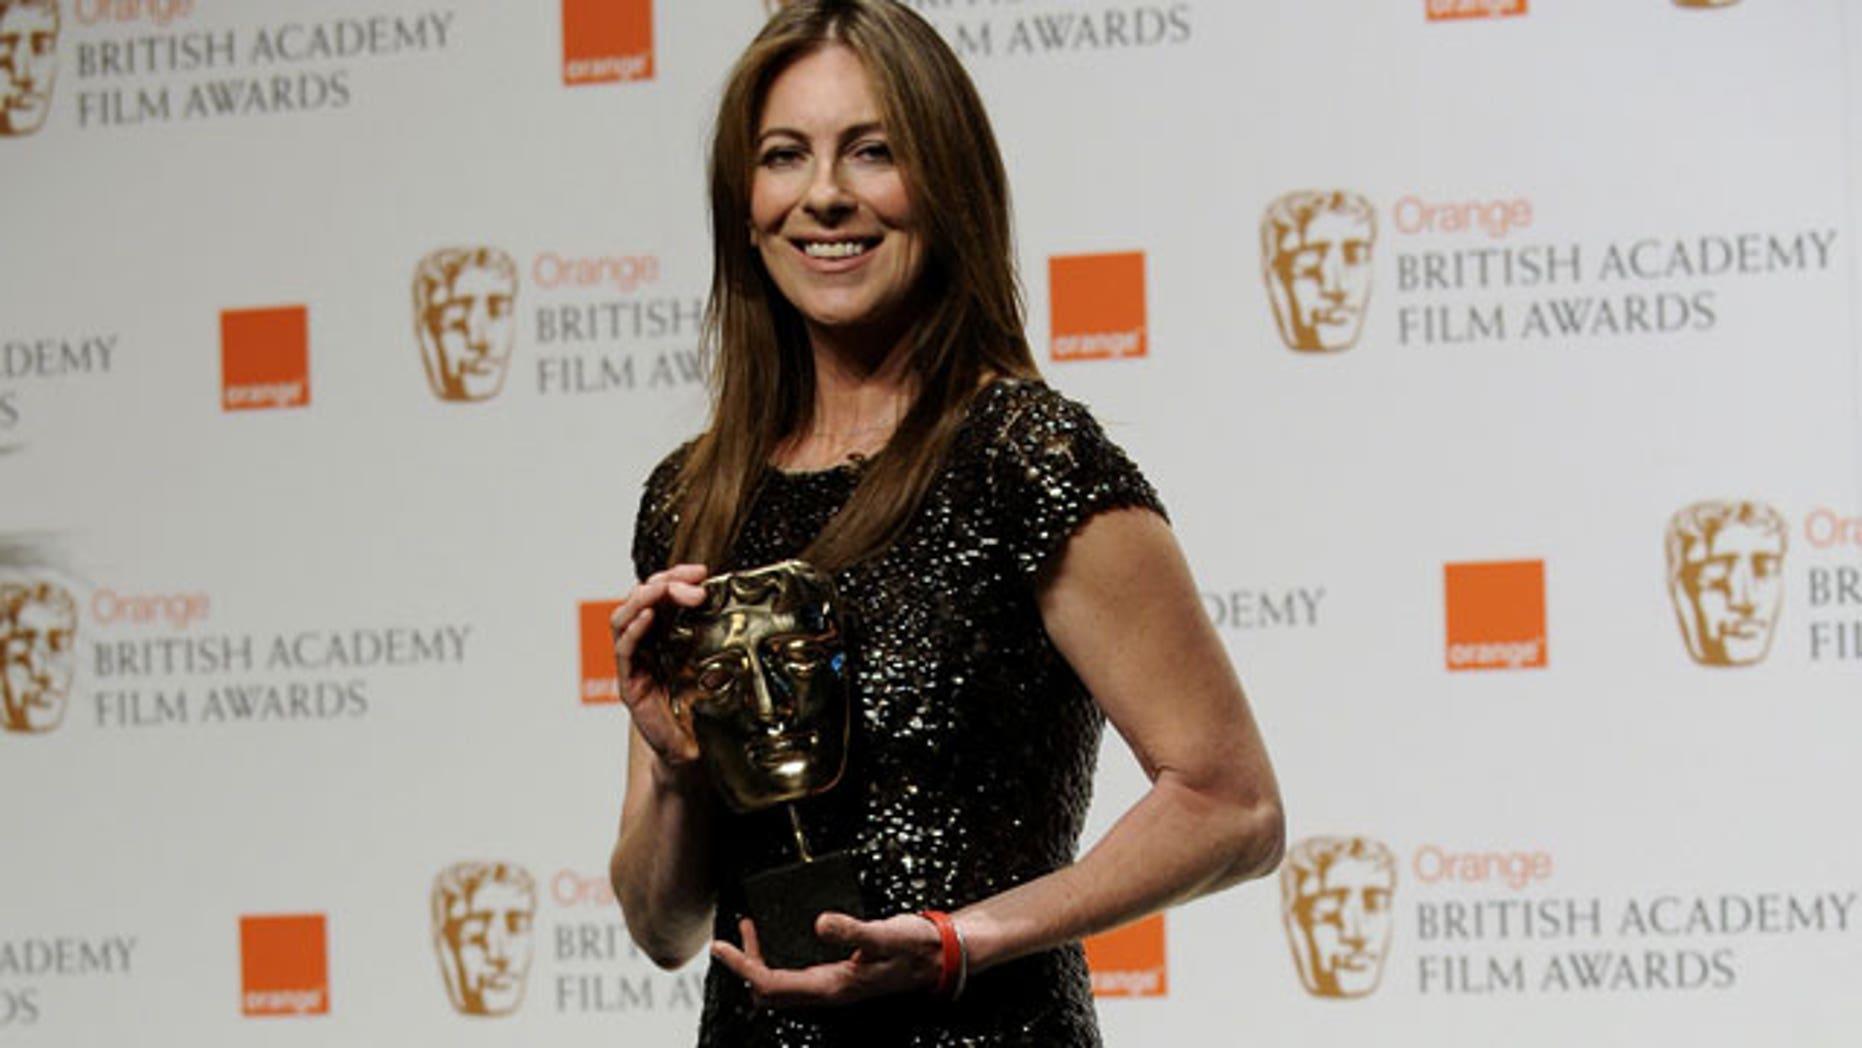 Kathryn Bigelow also got a Bafta for 'Hurt Locker' in 2009.